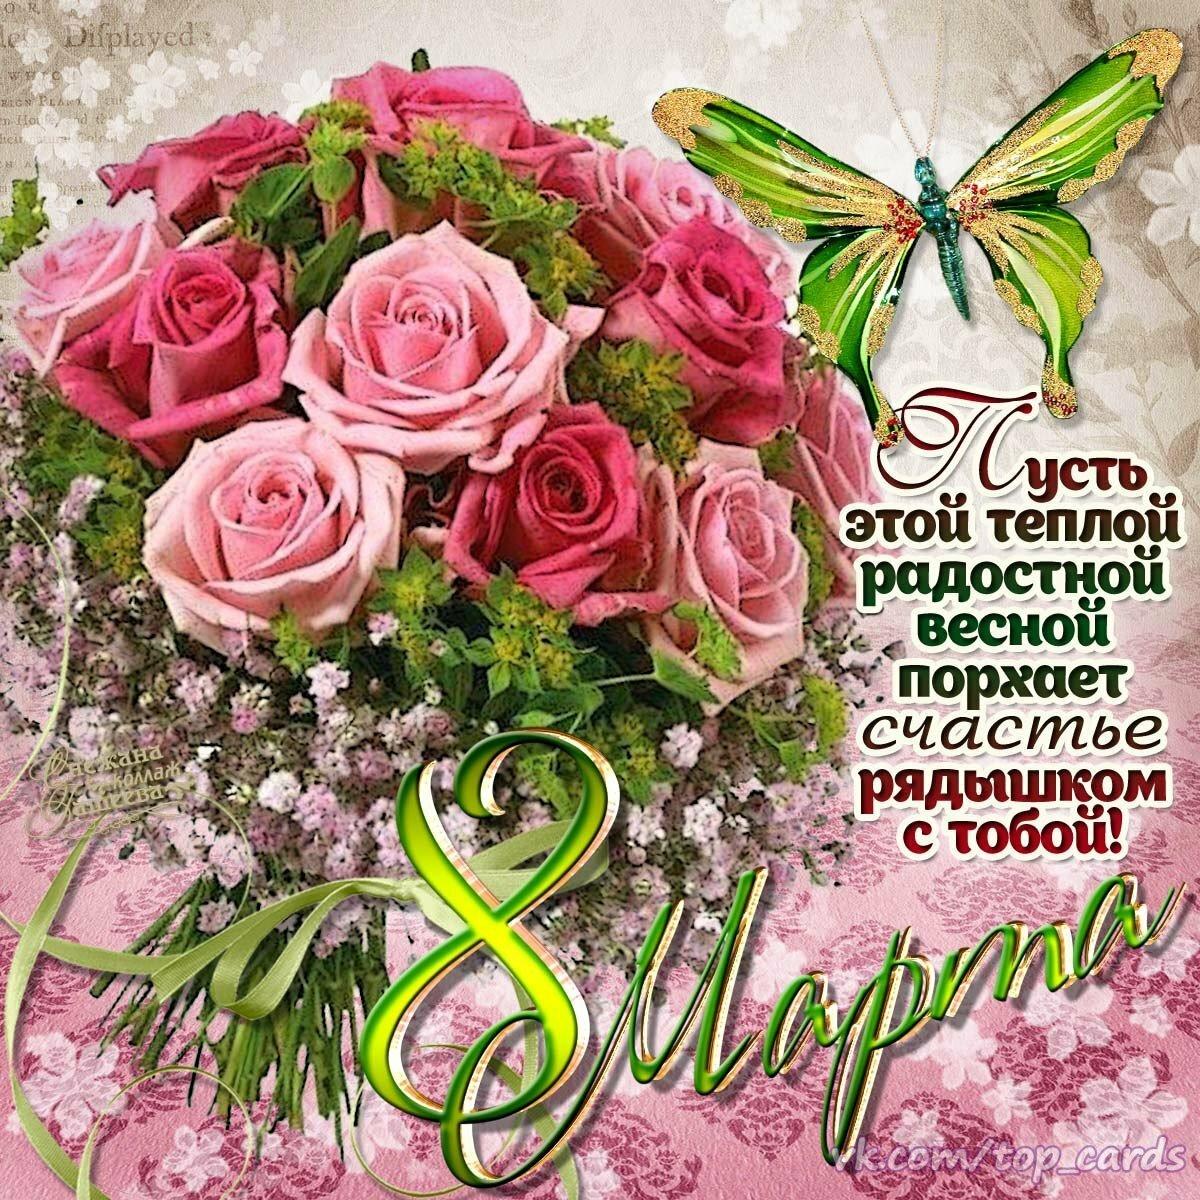 Поздравления с 8 марта красивые с открыткой